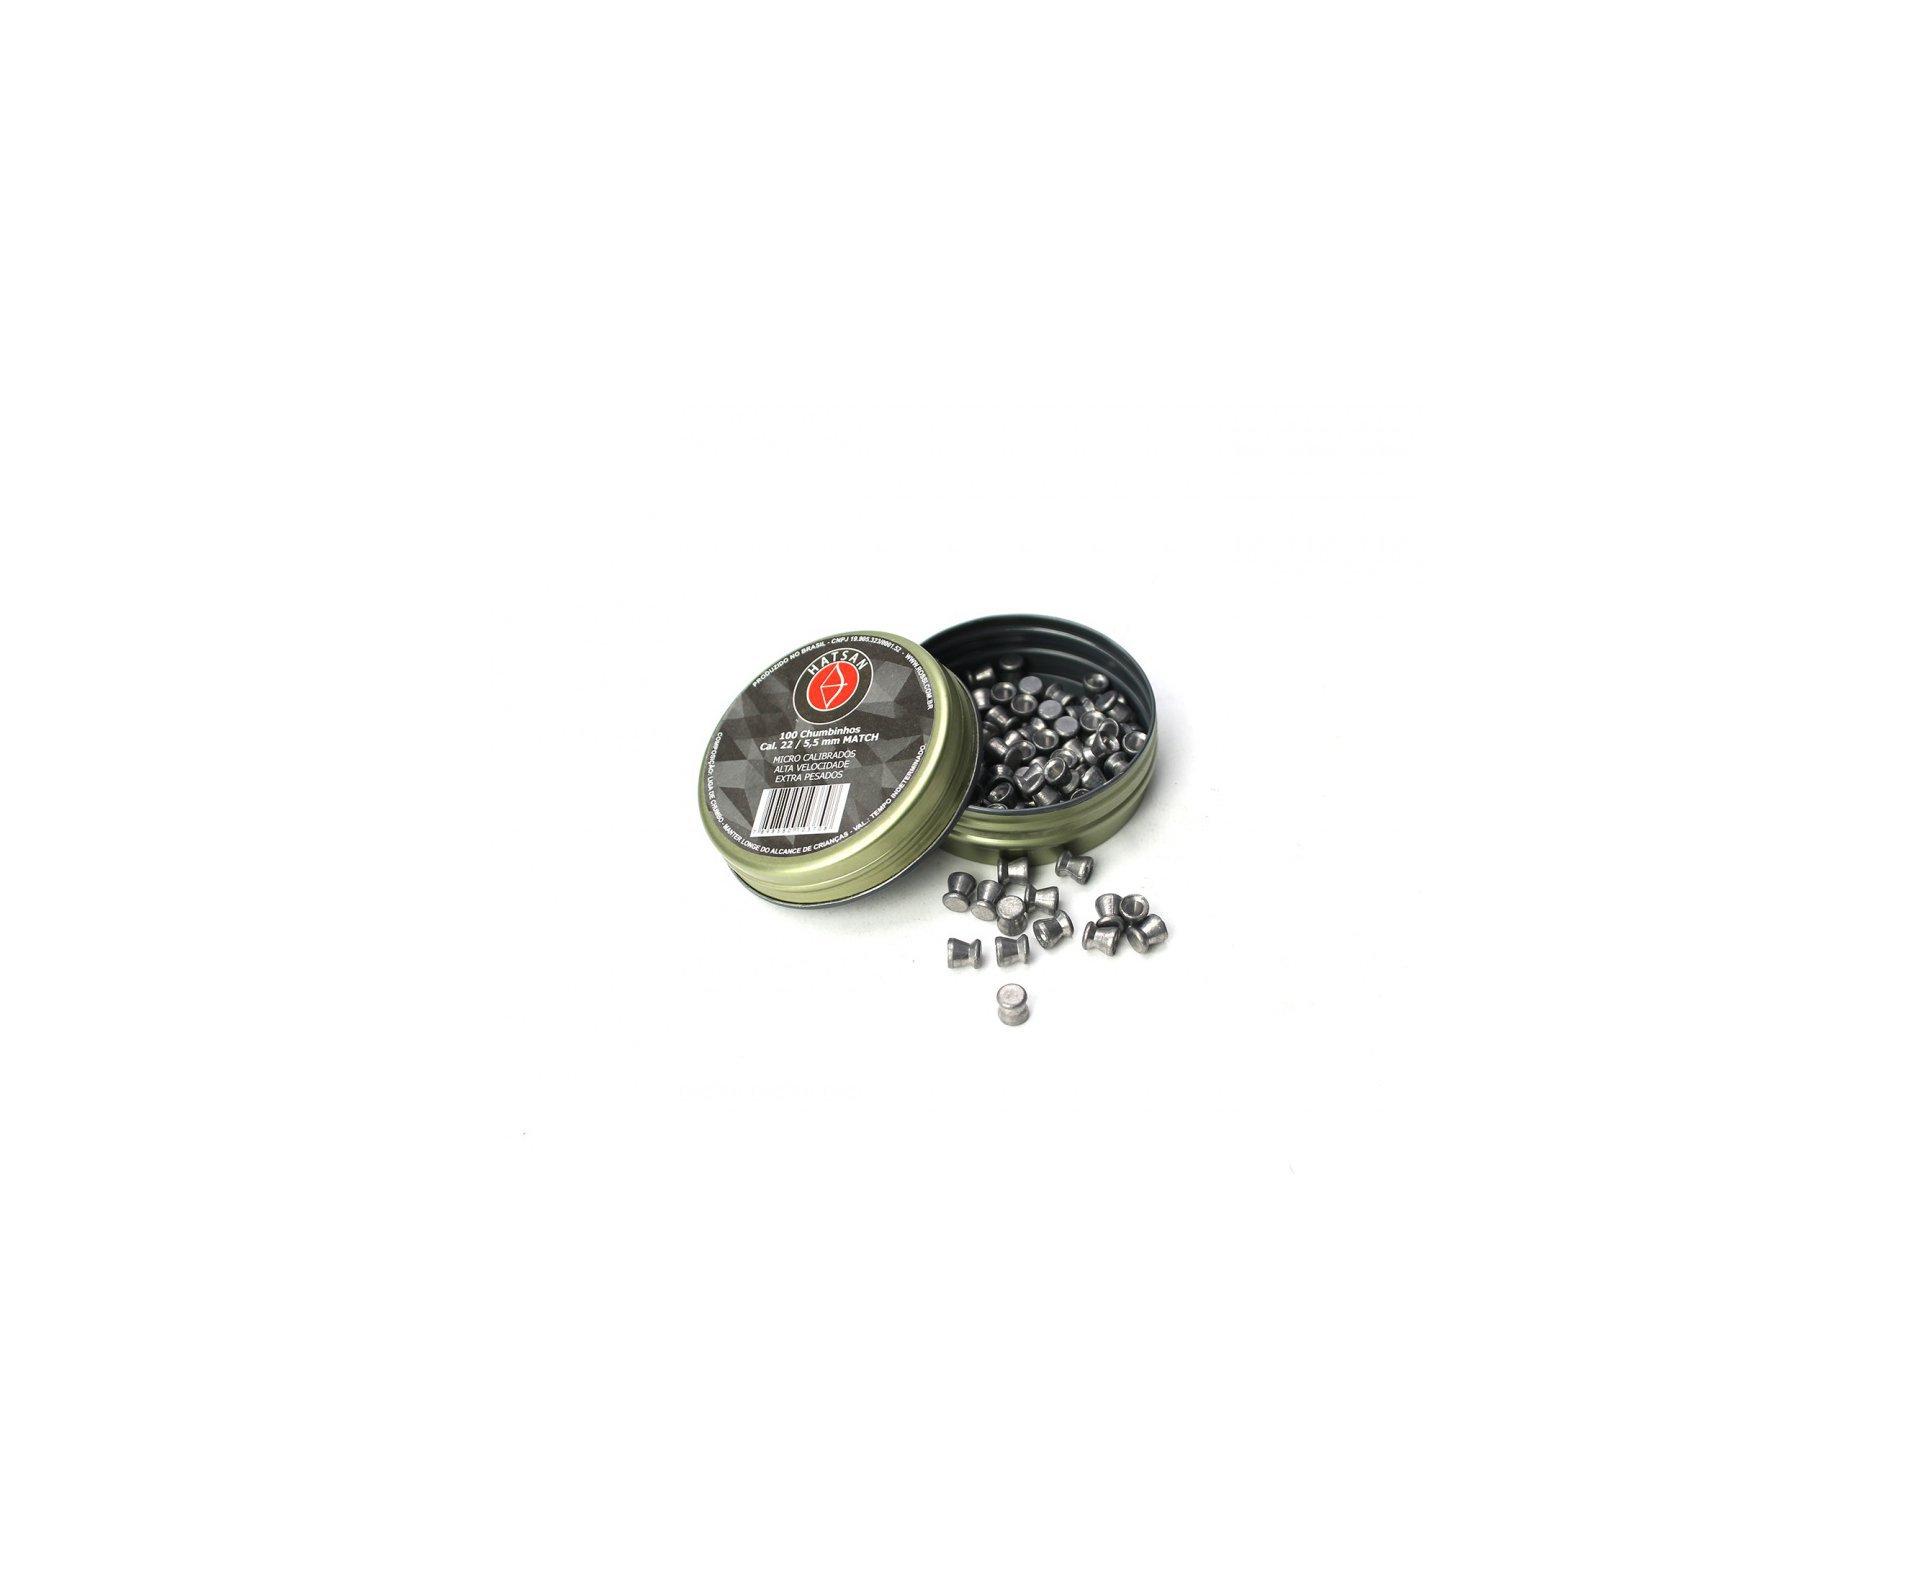 Carabina De Pressão Nova Dione Black Cal 5,5mm - 3° Geração + 10 Chumbinhos + Capa 45 - Rossi